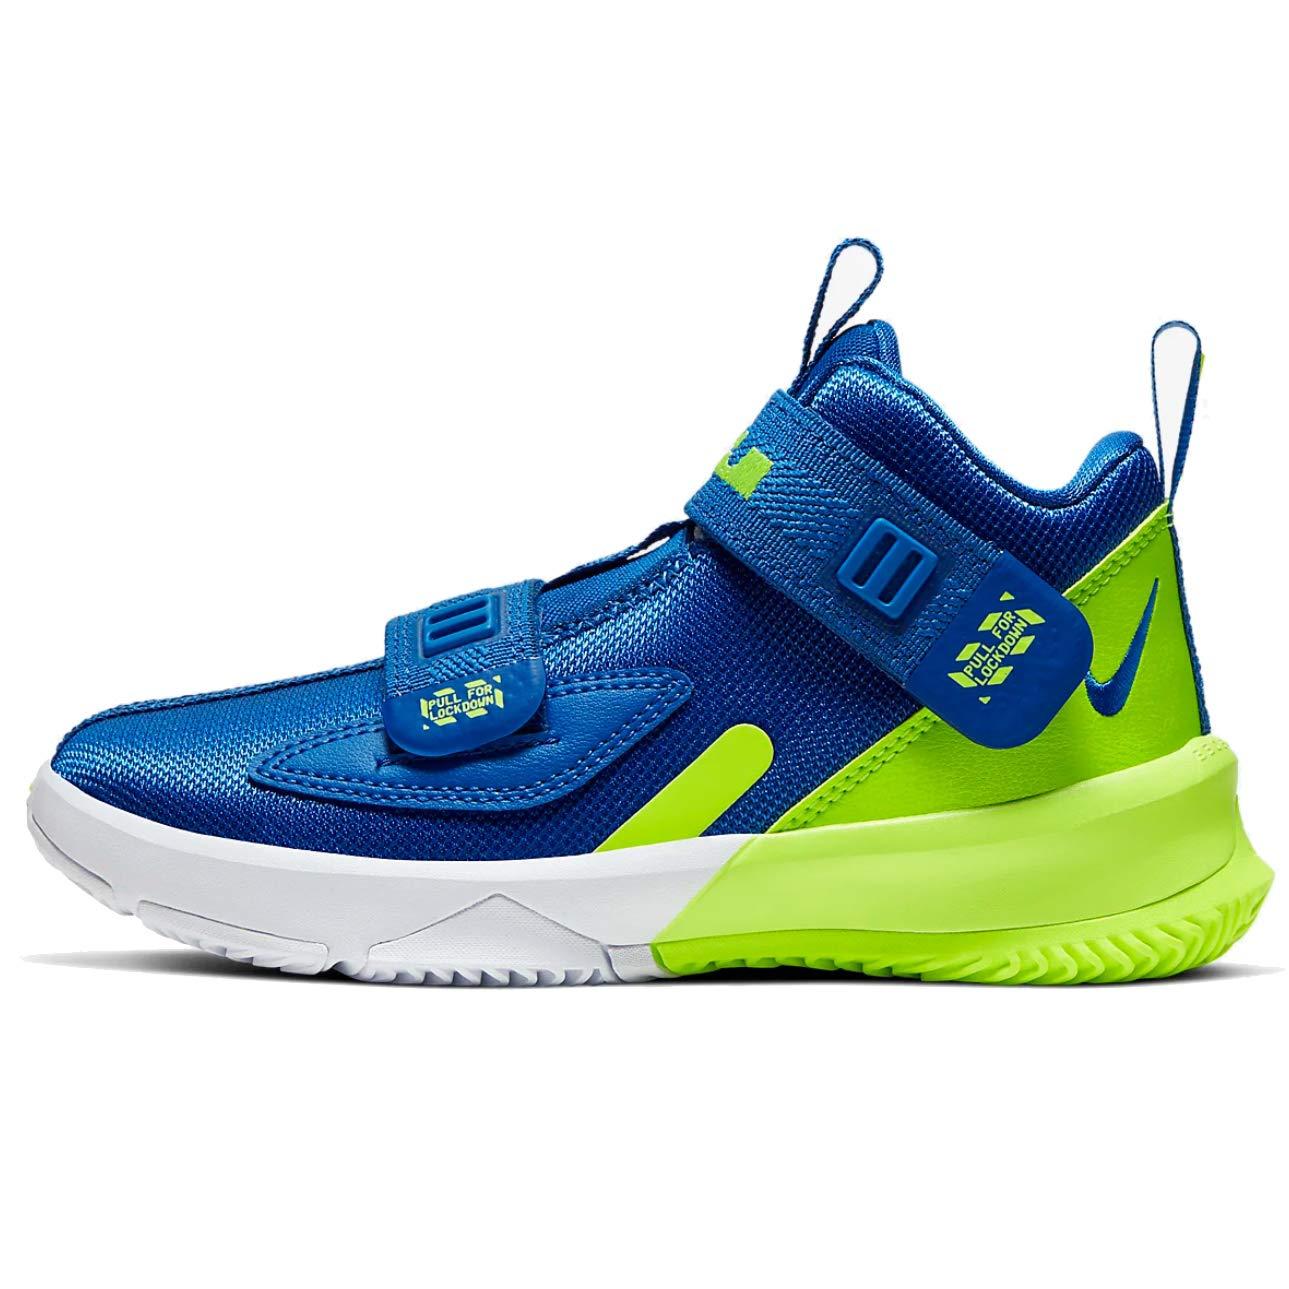 super popular d16d9 ad88e Amazon.com: Nike Kids' Preschool Lebron Soldier 13 ...